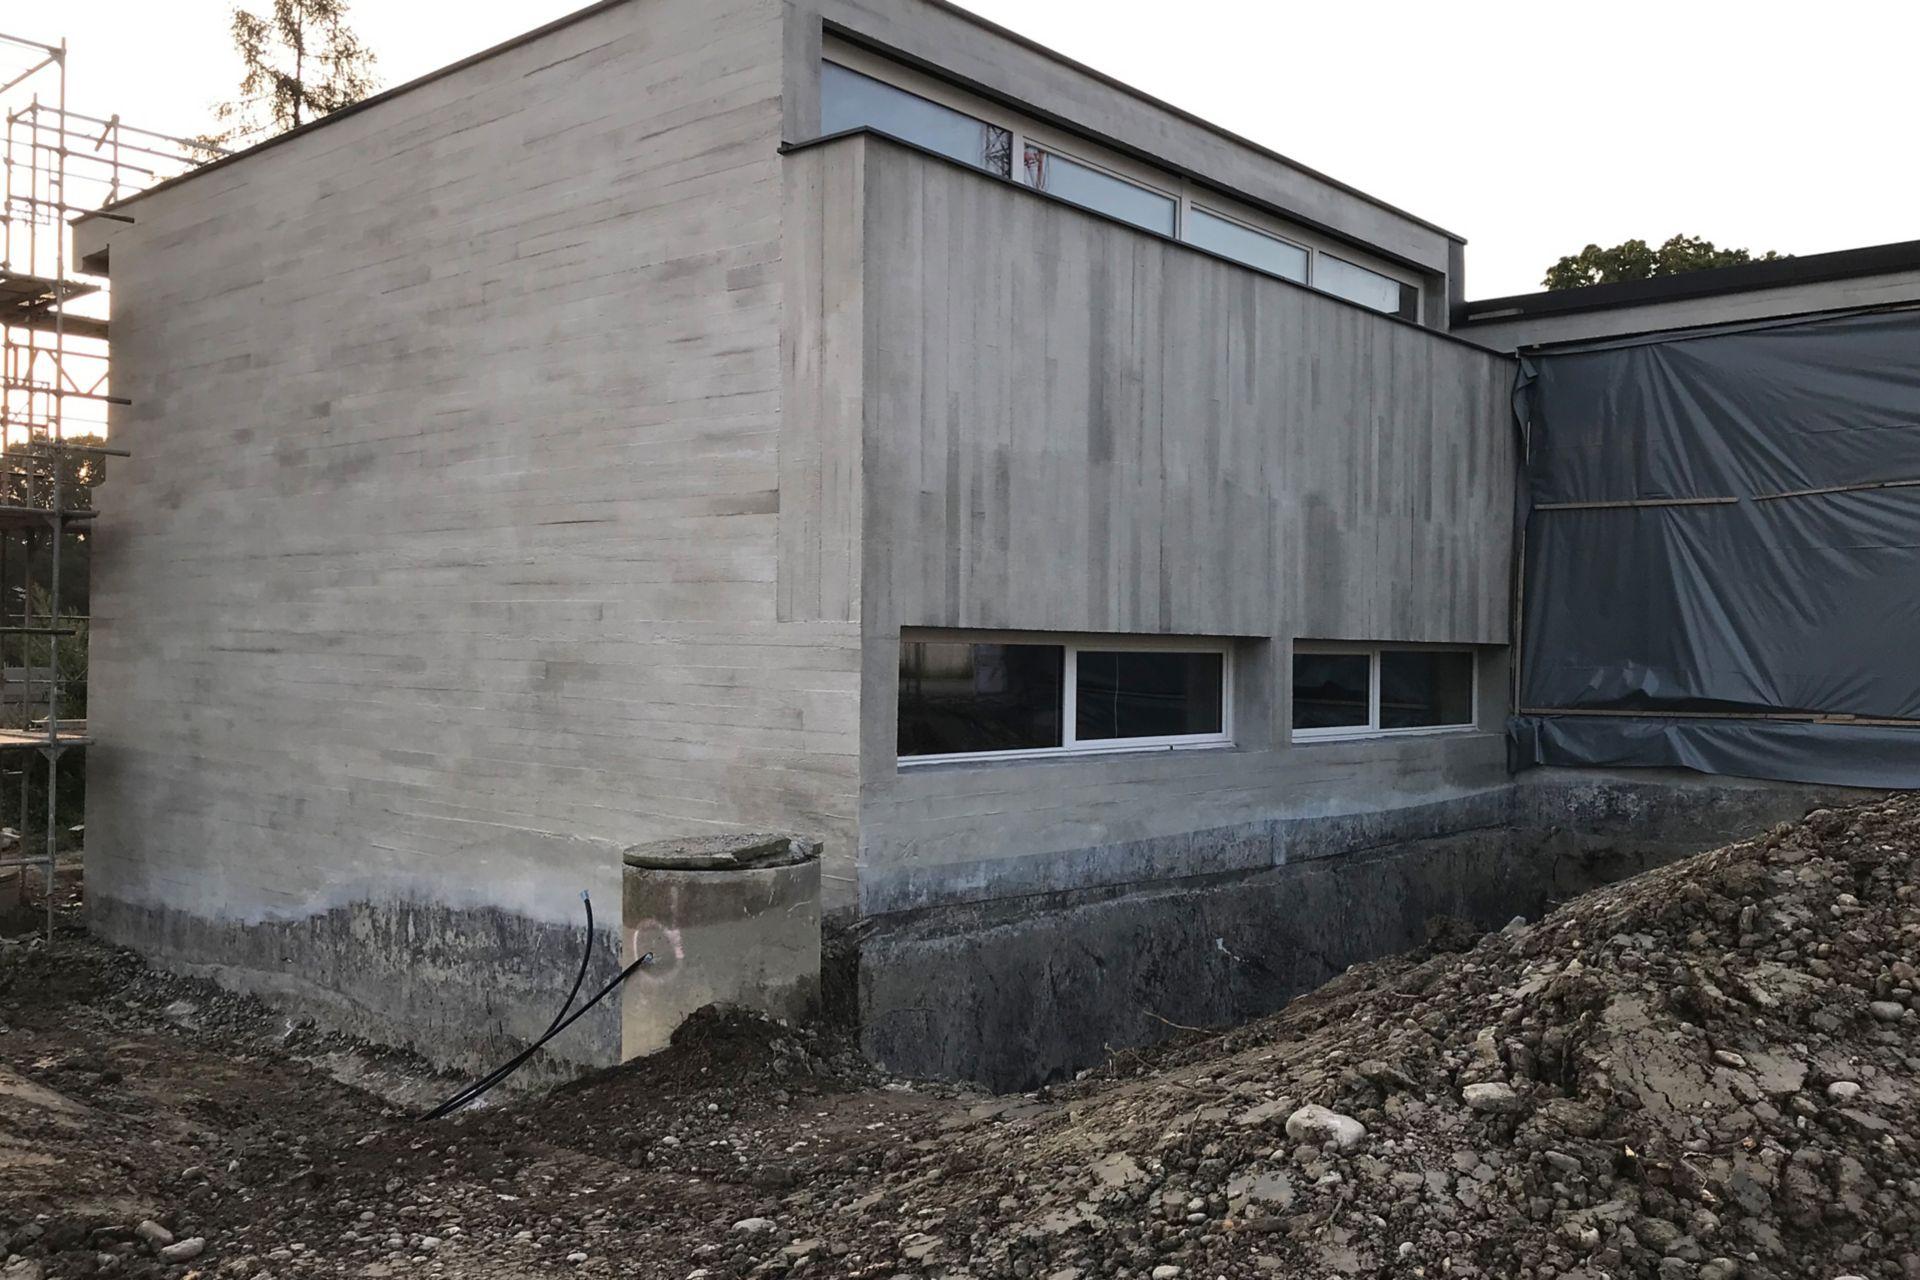 Anspruchsvolle Betoninstandsetzung an Sichtbetonfassade, Schulgemeinde, Arbon